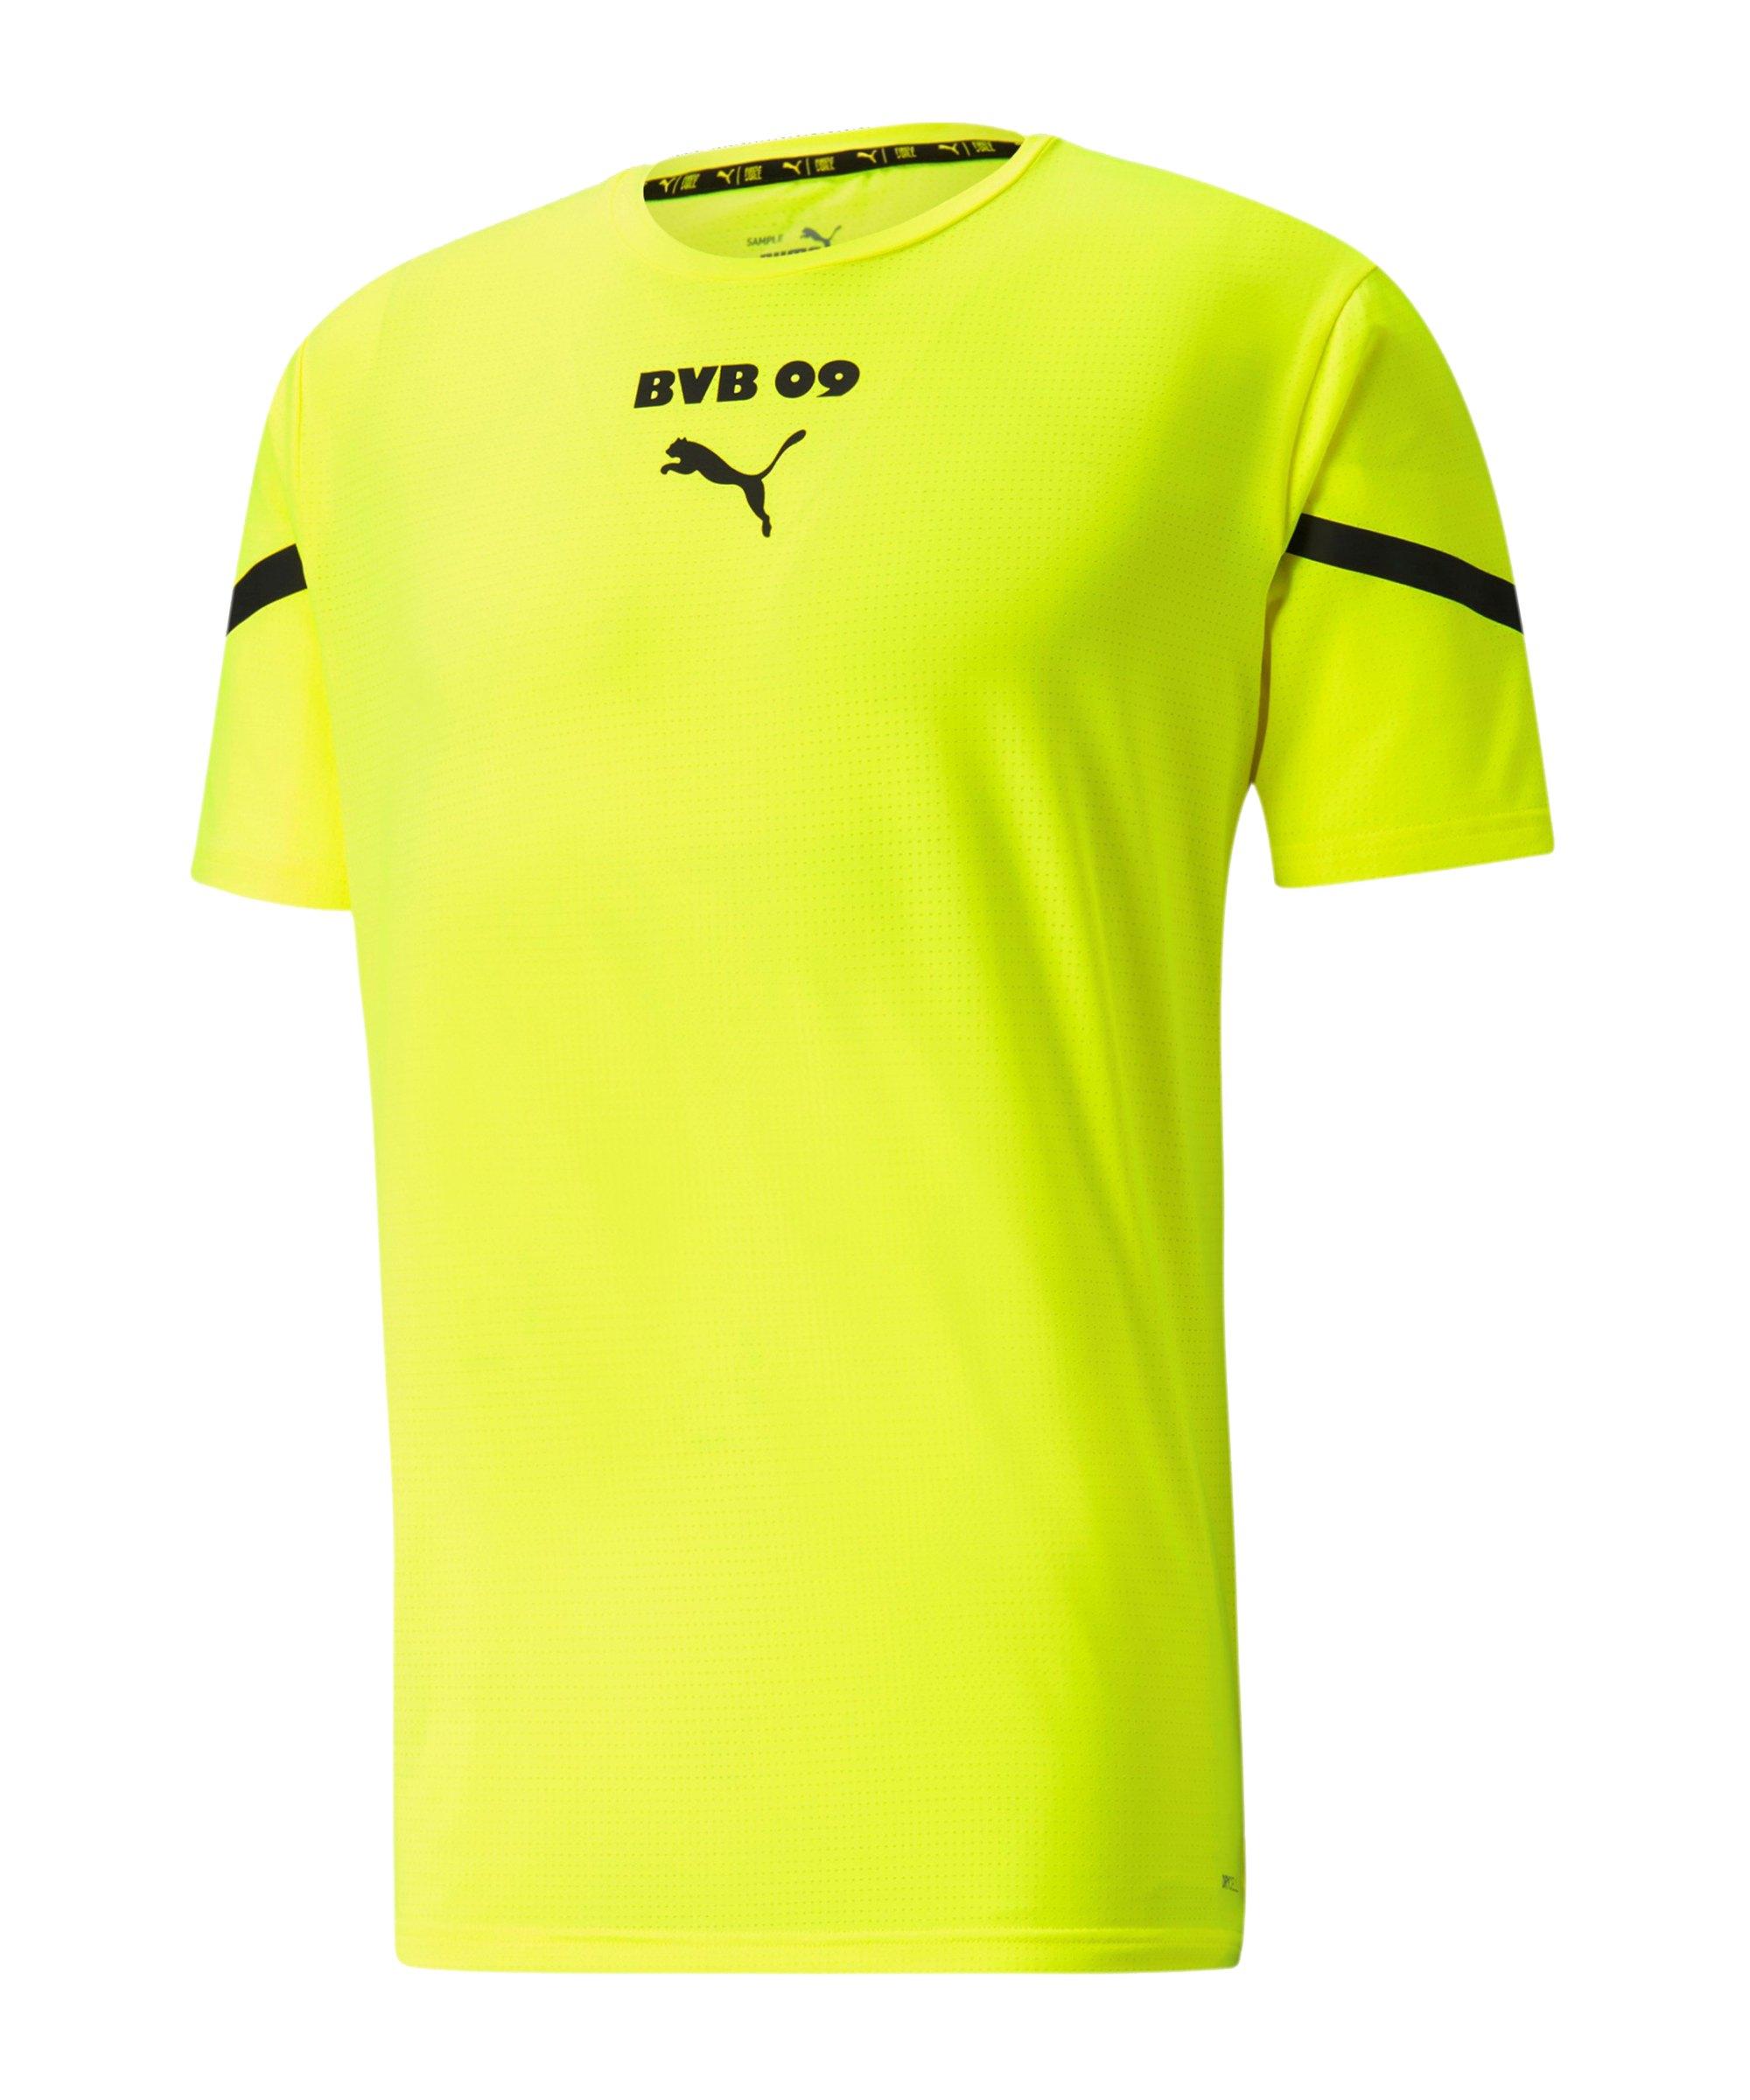 PUMA BVB Dortmund Prematch Shirt 2021/2022 Gelb Schwarz F03 - gelb